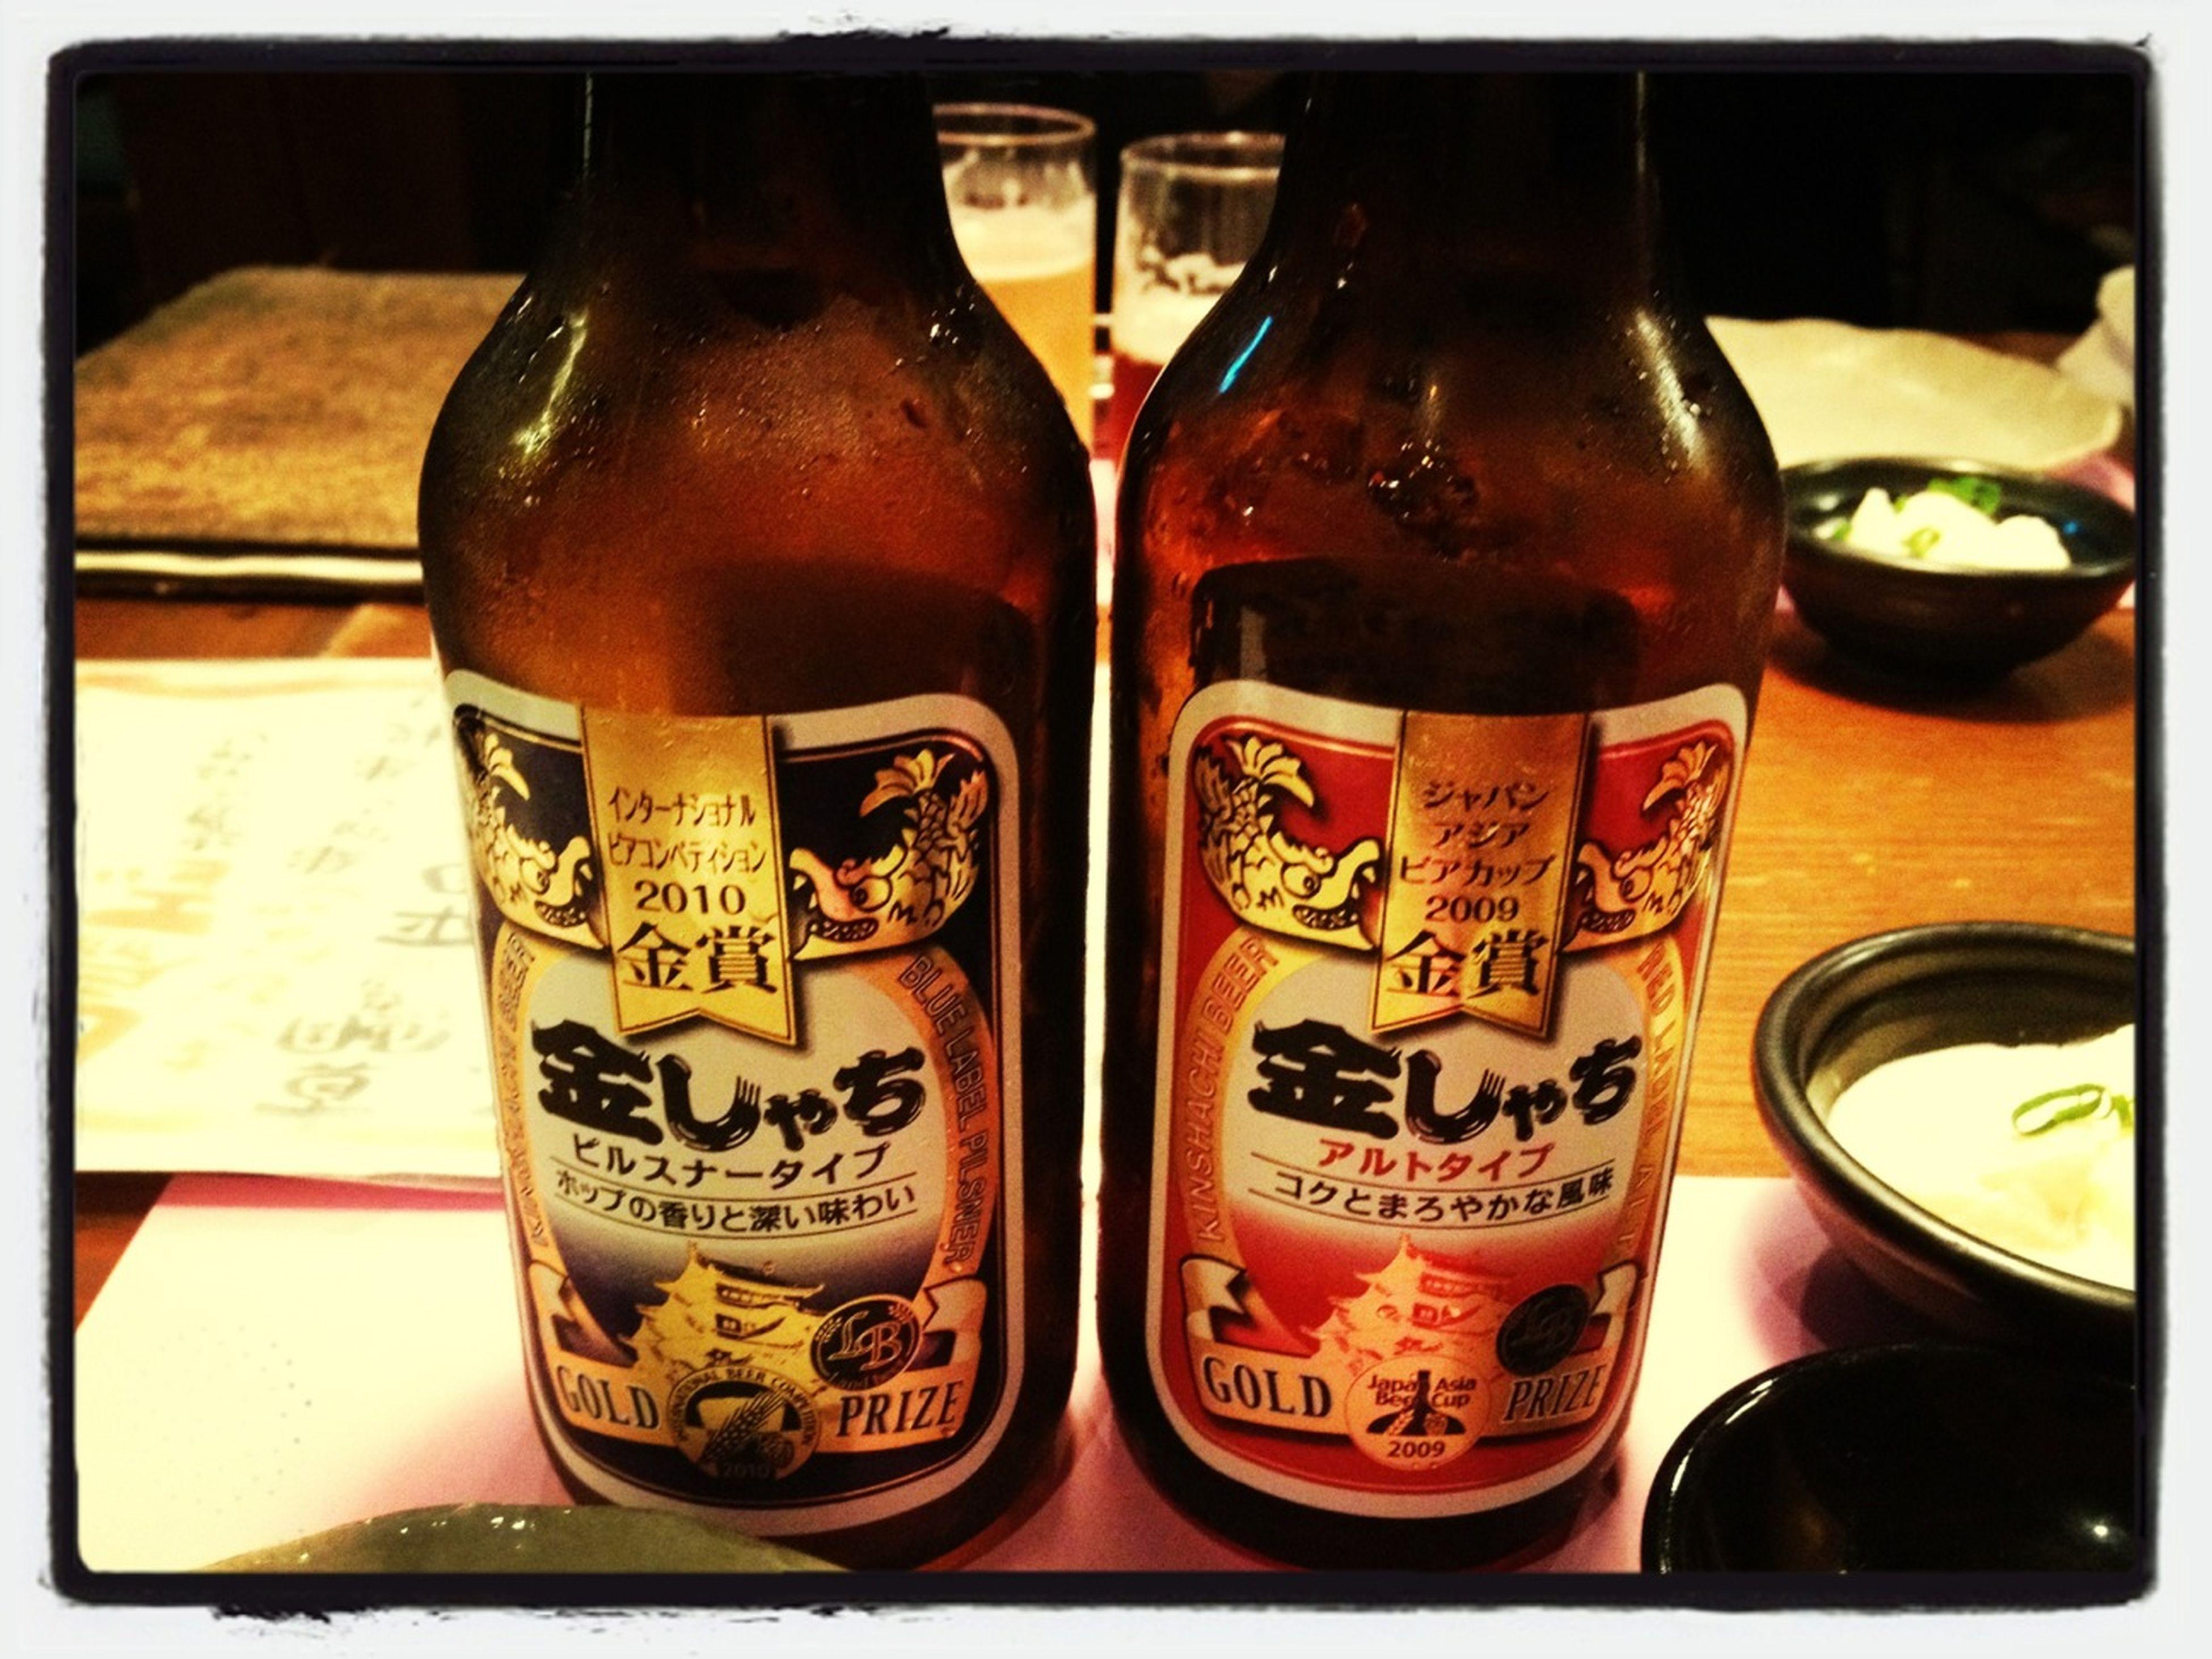 名古屋出張 青はキレ味、赤は濃く味